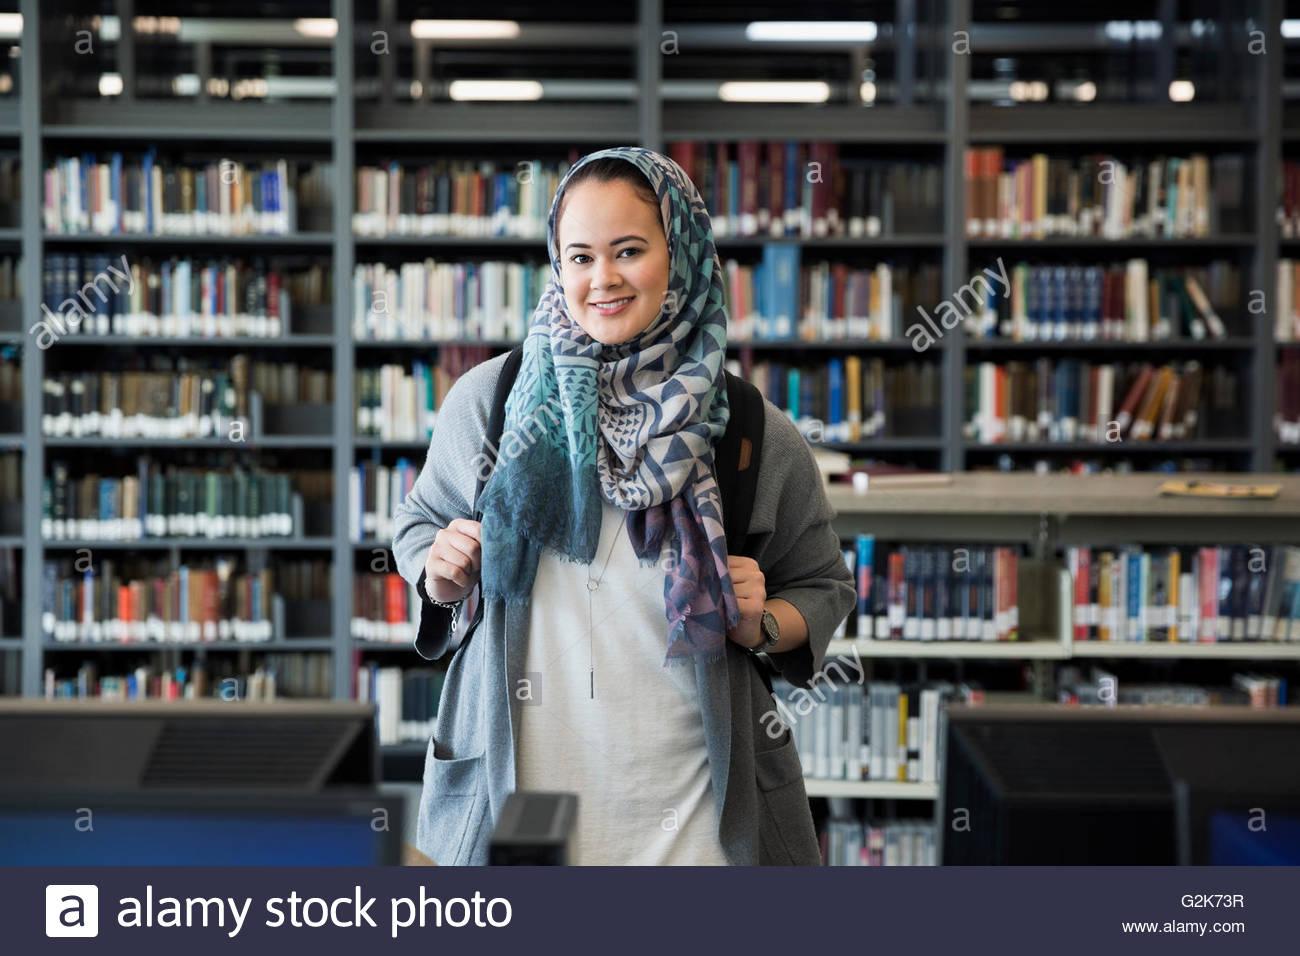 Retrato sonriente estudiante universitario vistiendo el hiyab en la biblioteca Imagen De Stock